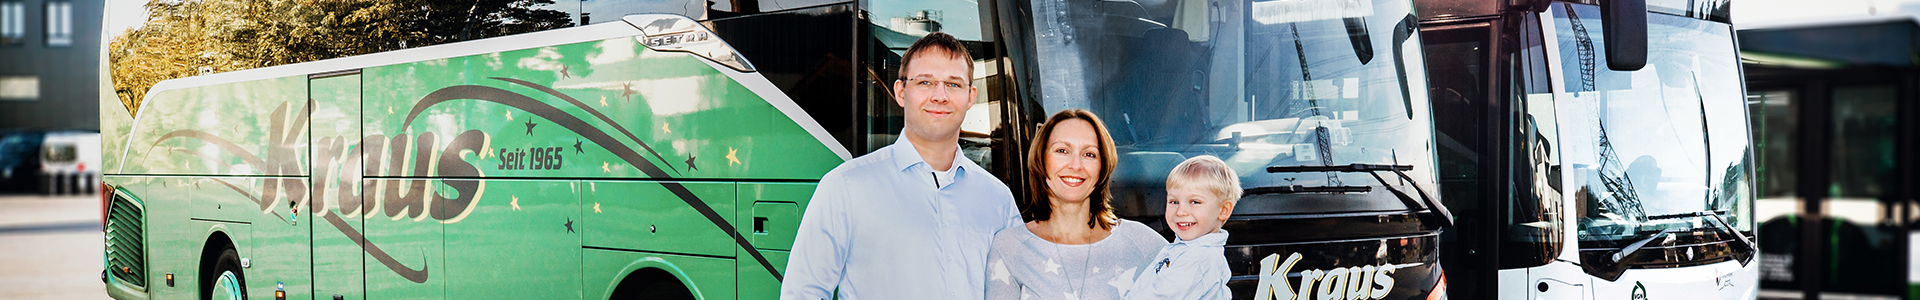 Header-Ueber-uns-Omnibus-Kraus